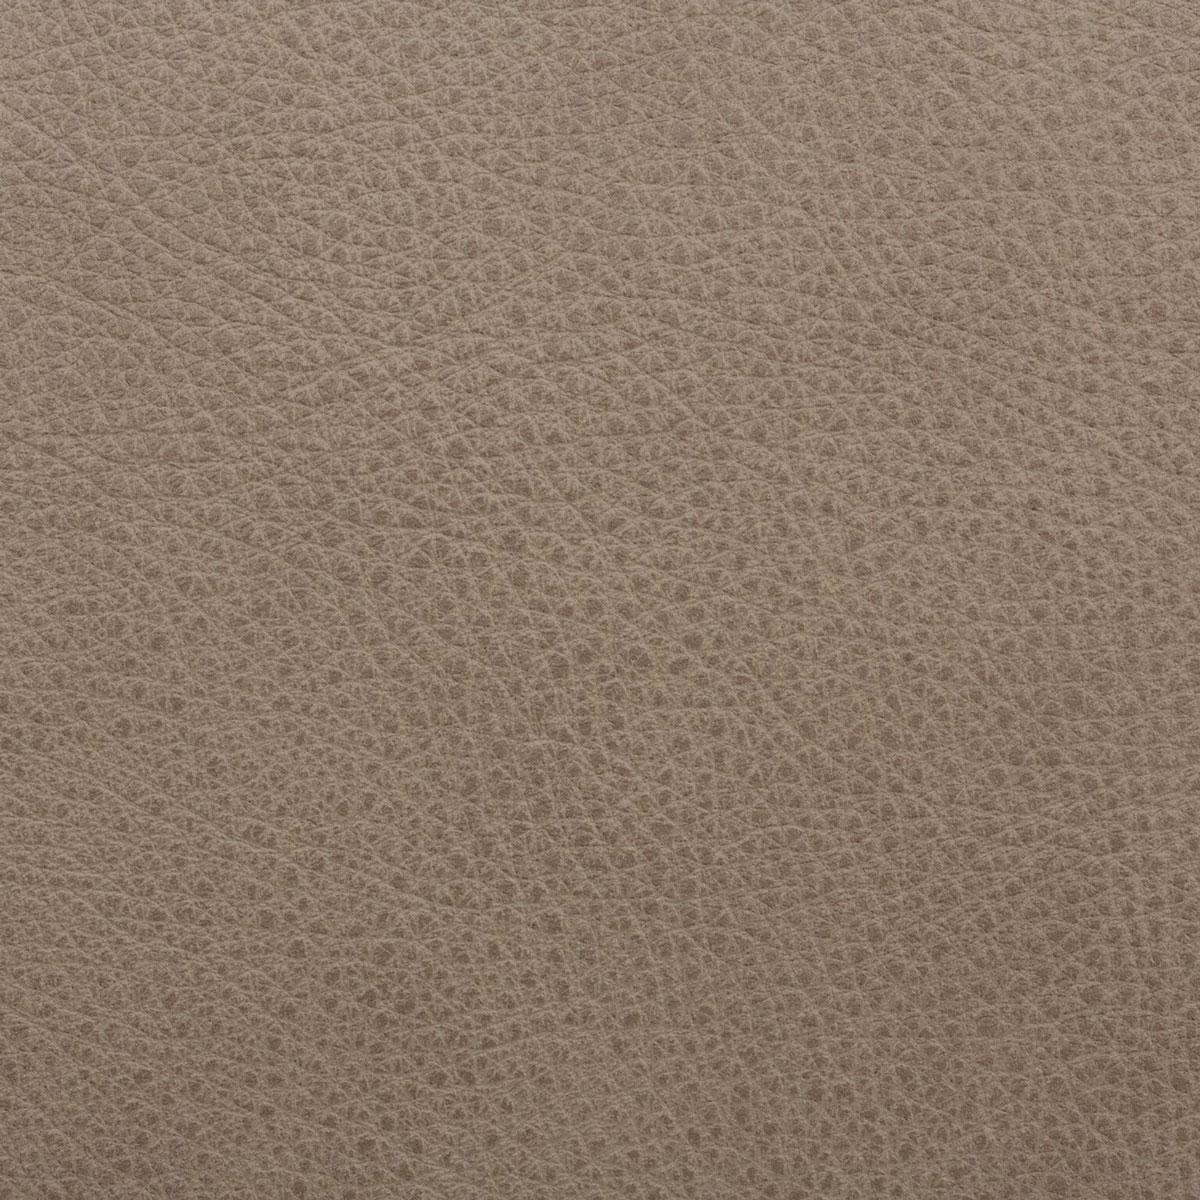 Coraggio Leather